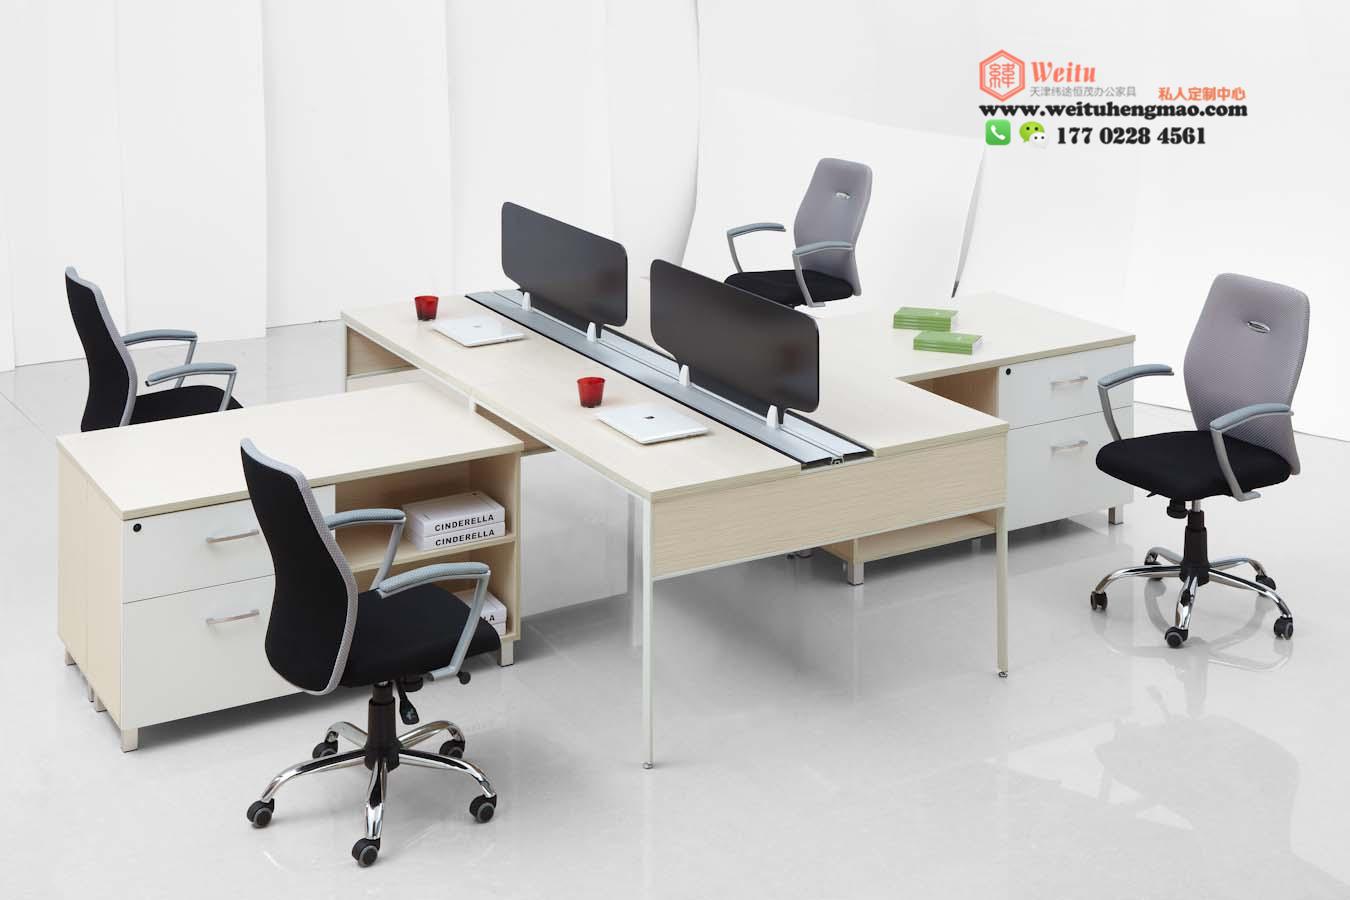 屏风办公桌样式